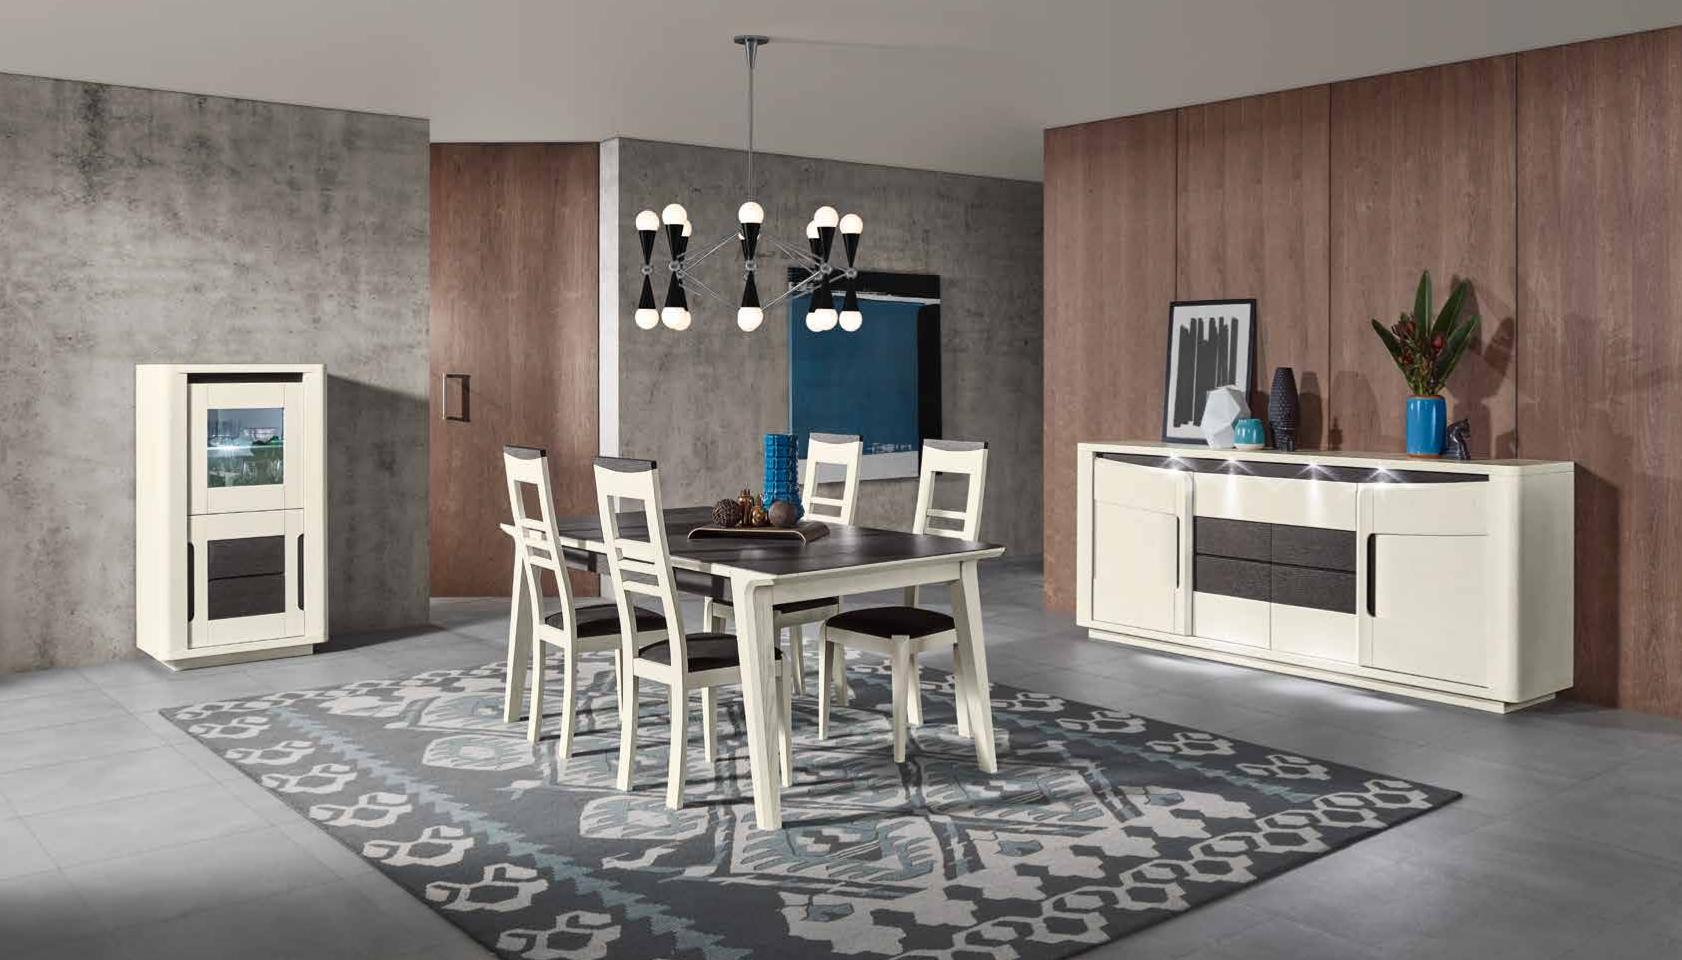 La sublime collection bella fait son entr e chez meubles jem for Salle a manger futuriste